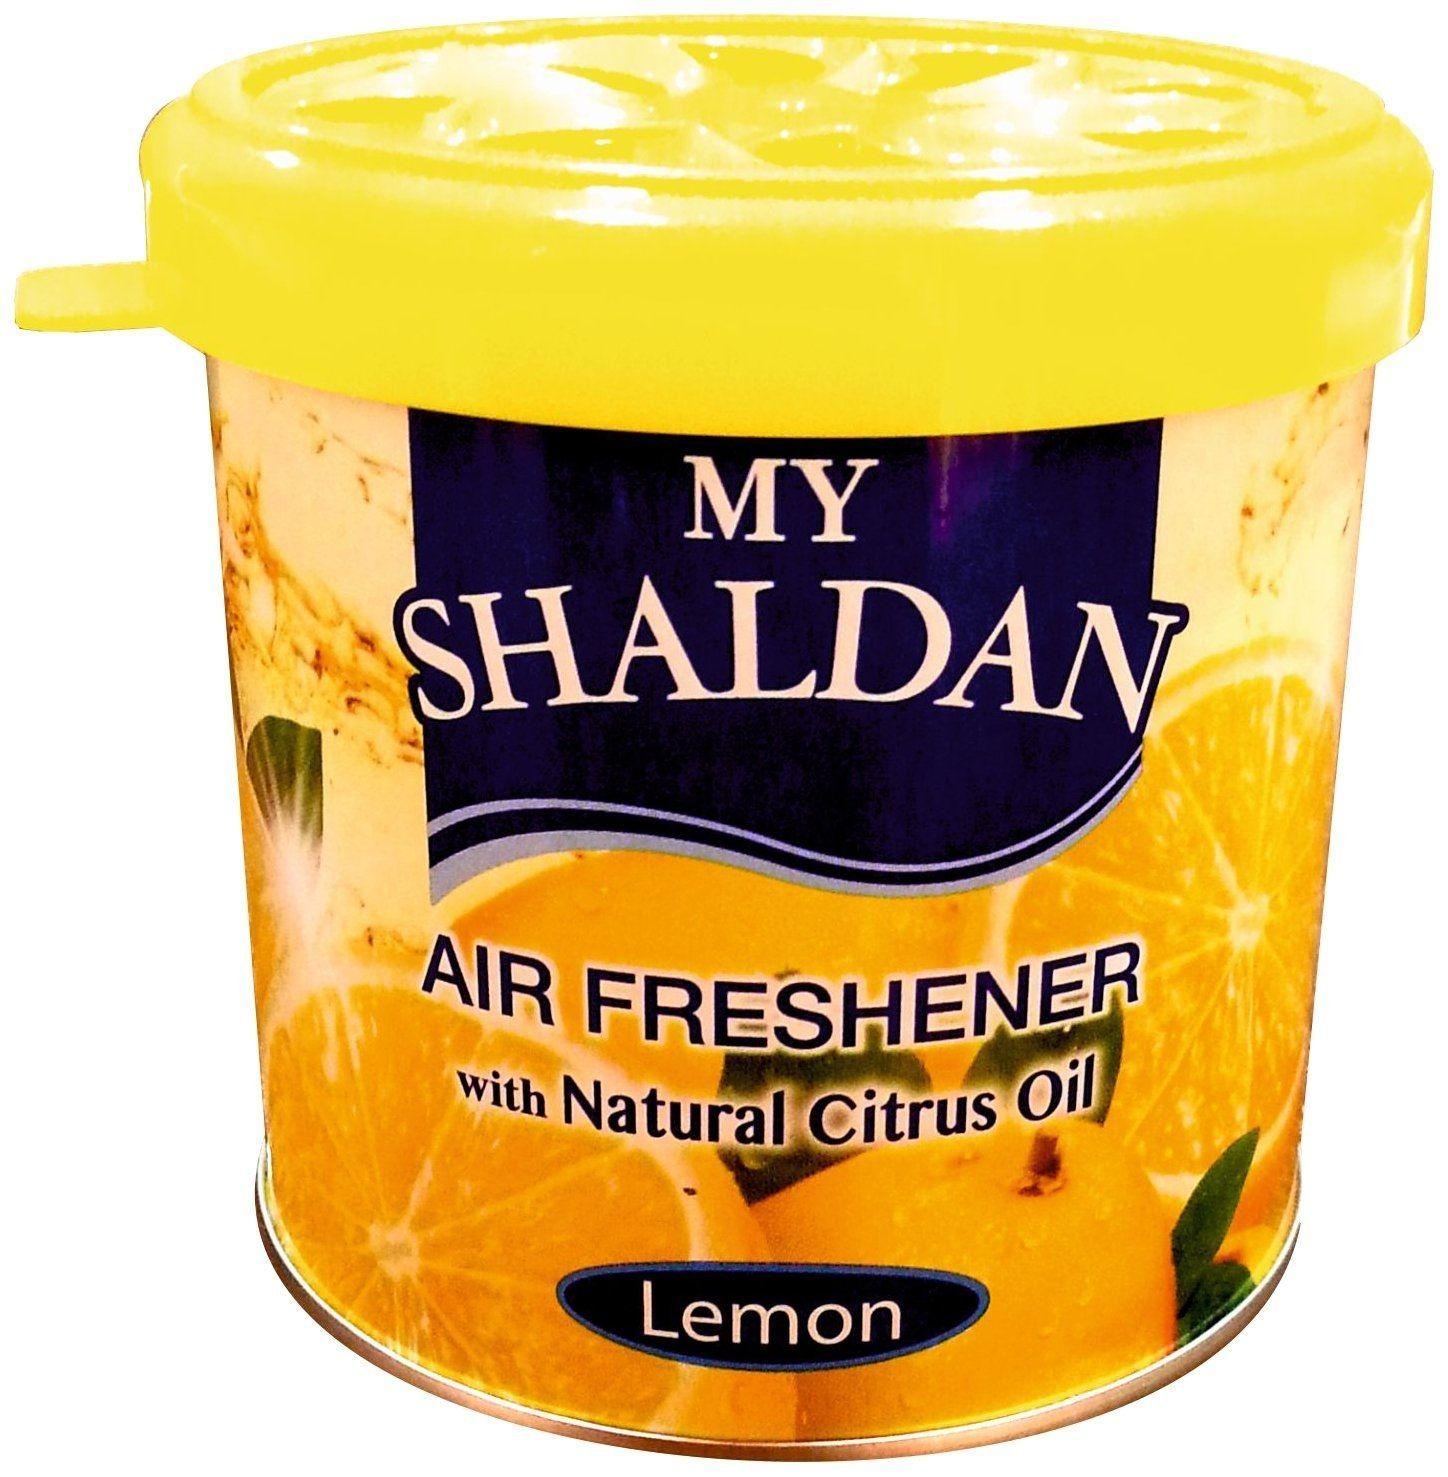 MY SHALDAN LEMON CAR AIR FRESHNER (80 g)